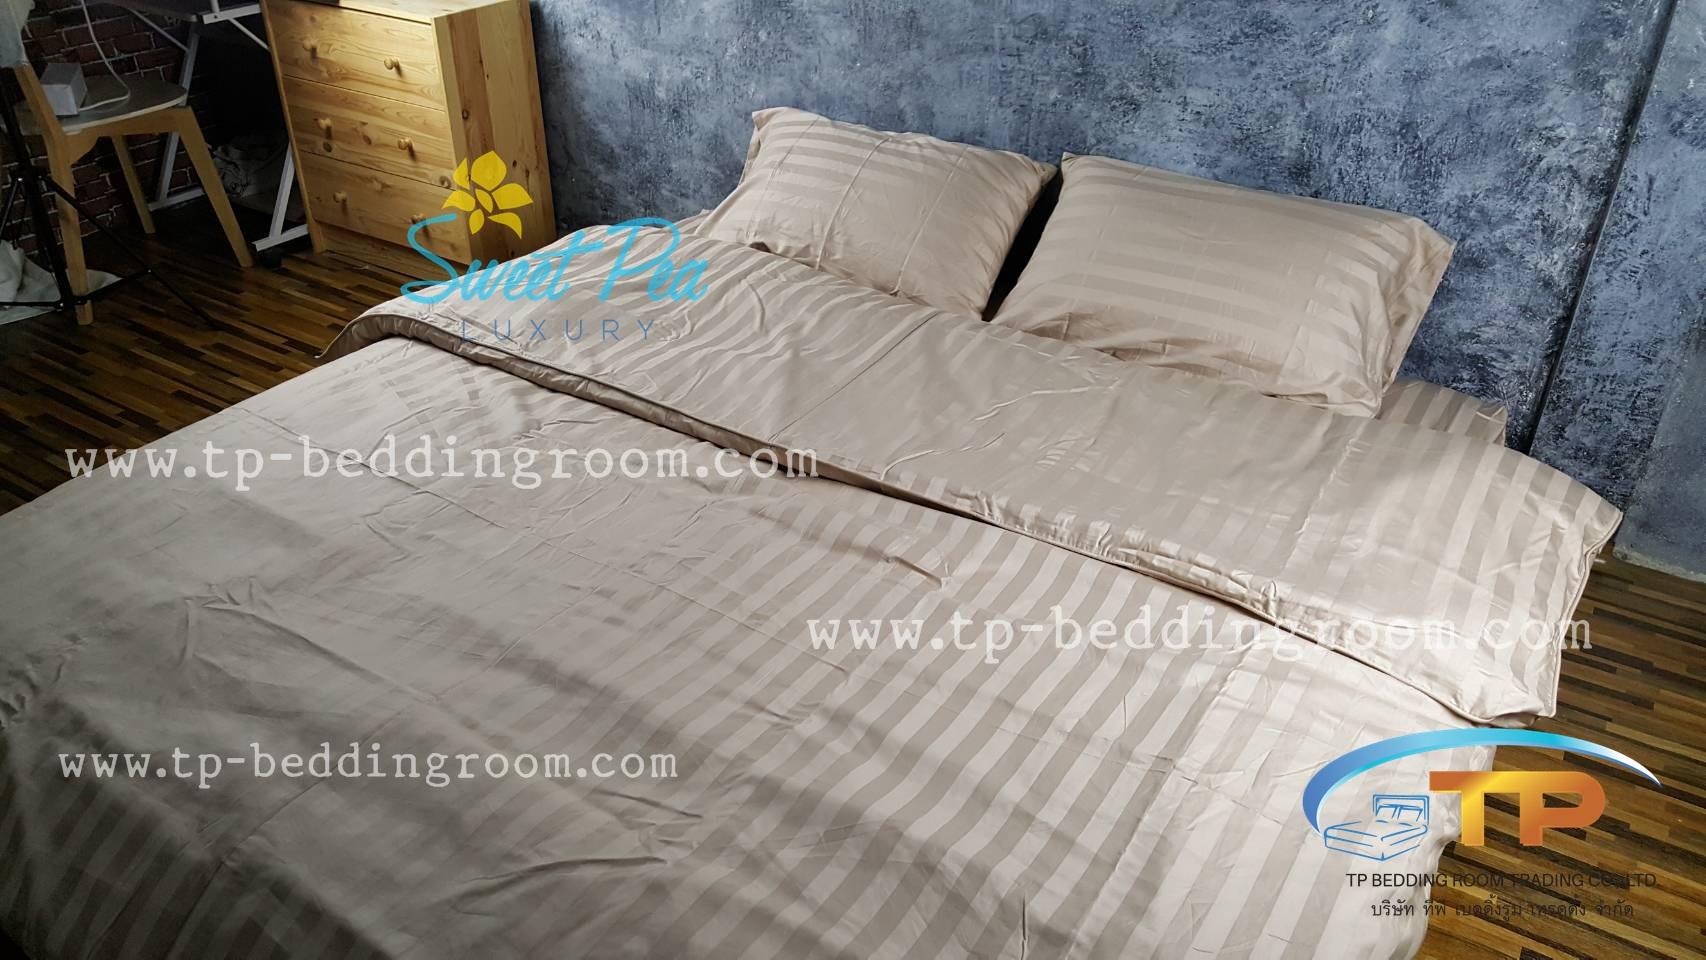 ชุดผ้าปูที่นอนโรงแรมลายริ้ว 3.5 ฟุต (5 ชิ้น) สีโอวัลติล